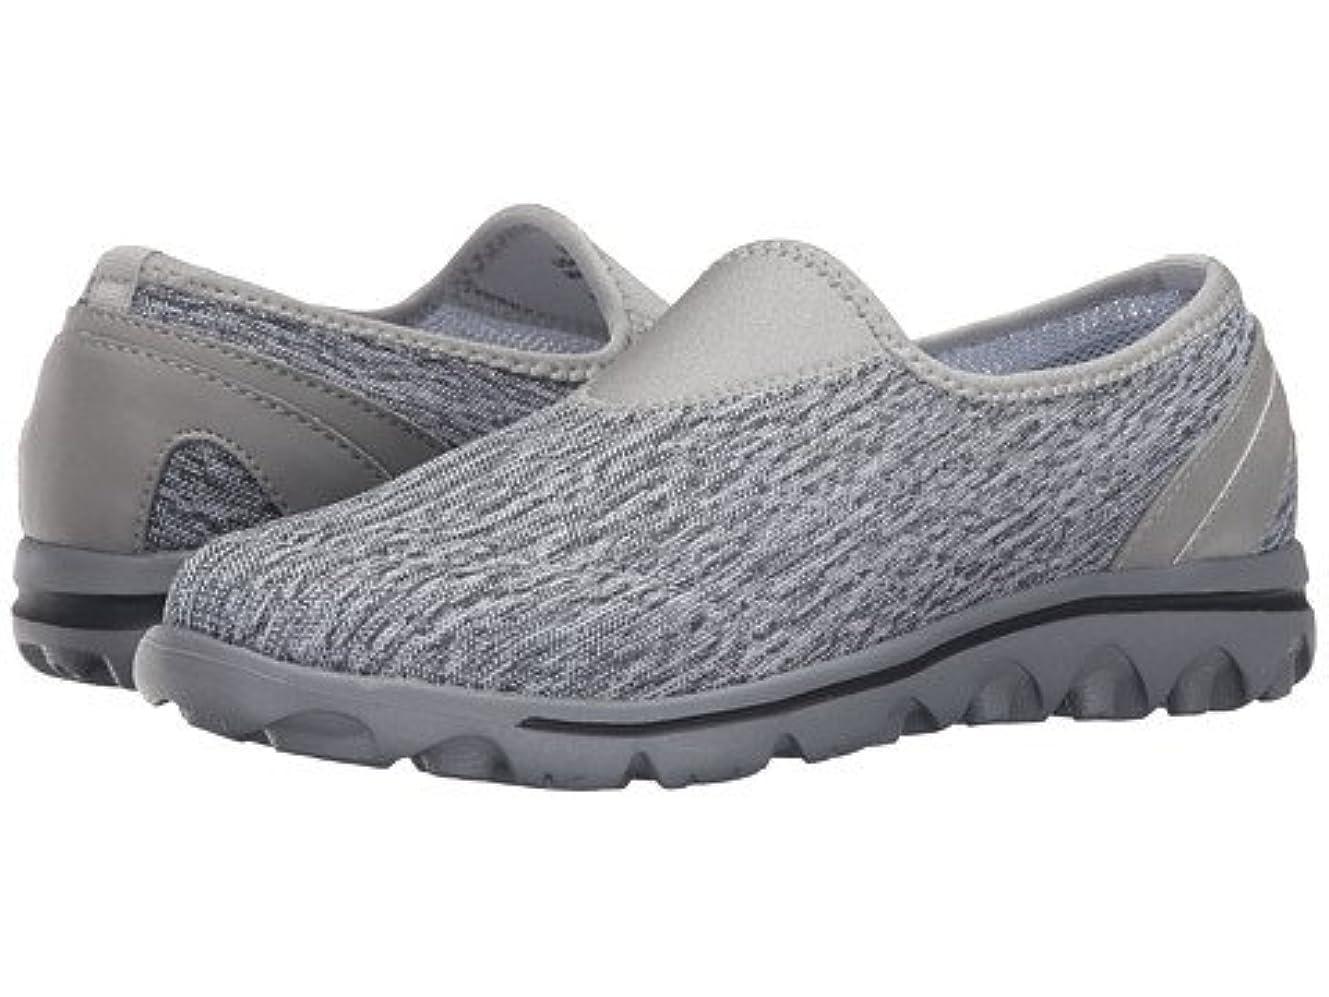 パースブラックボロウ方程式液化する(プロペット)Propet レディースウォーキングシューズ?カジュアルスニーカー?靴 TravelActiv Slip-On Black/White Heather 8.5 25.5cm N (AA) [並行輸入品]